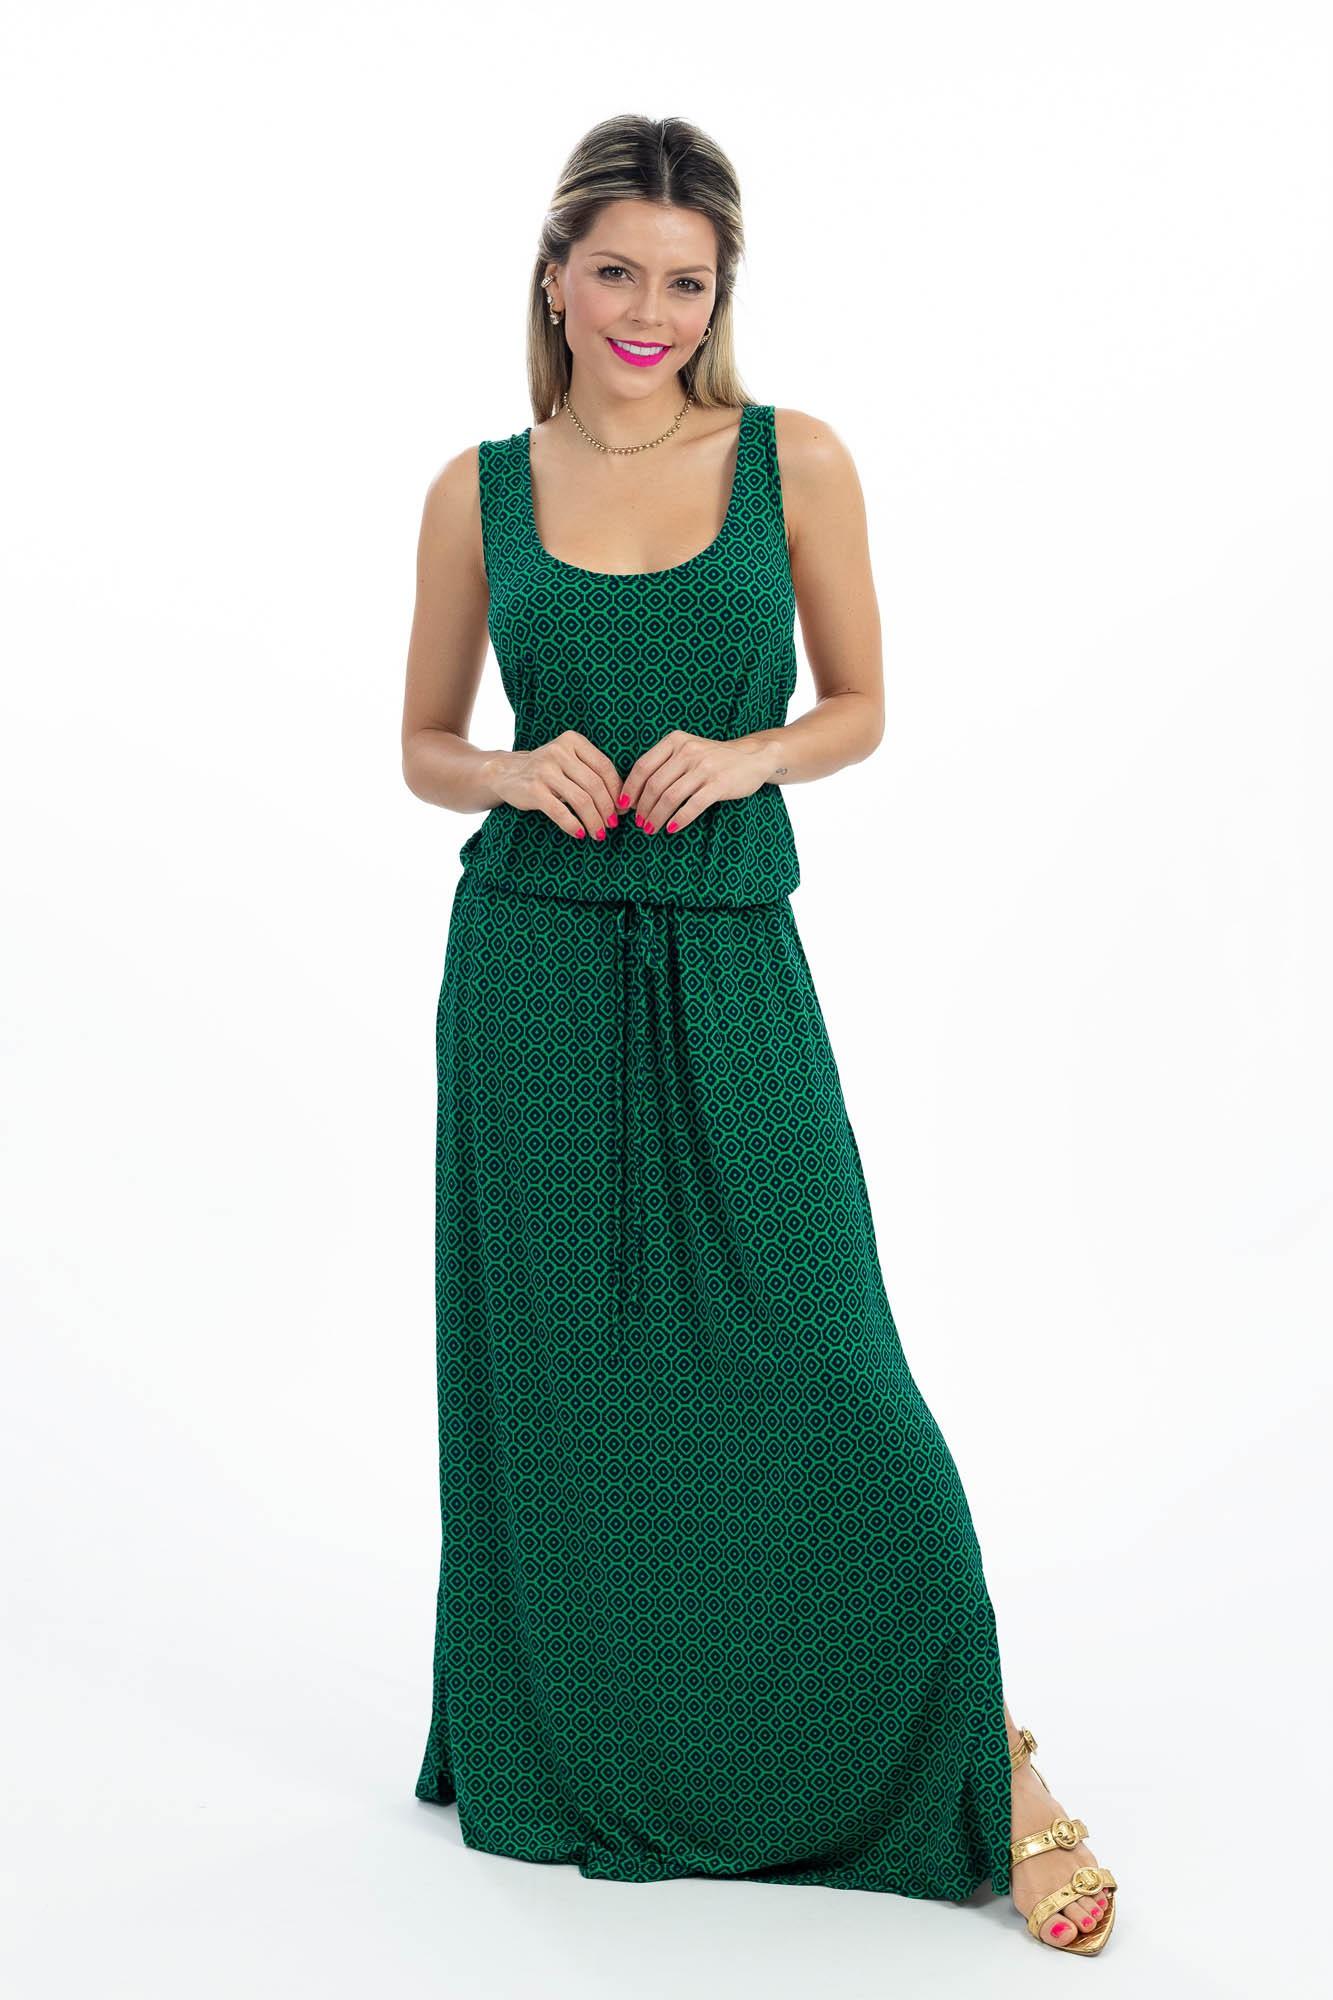 Vestido verde amarração cintura Banana Republic tam GG